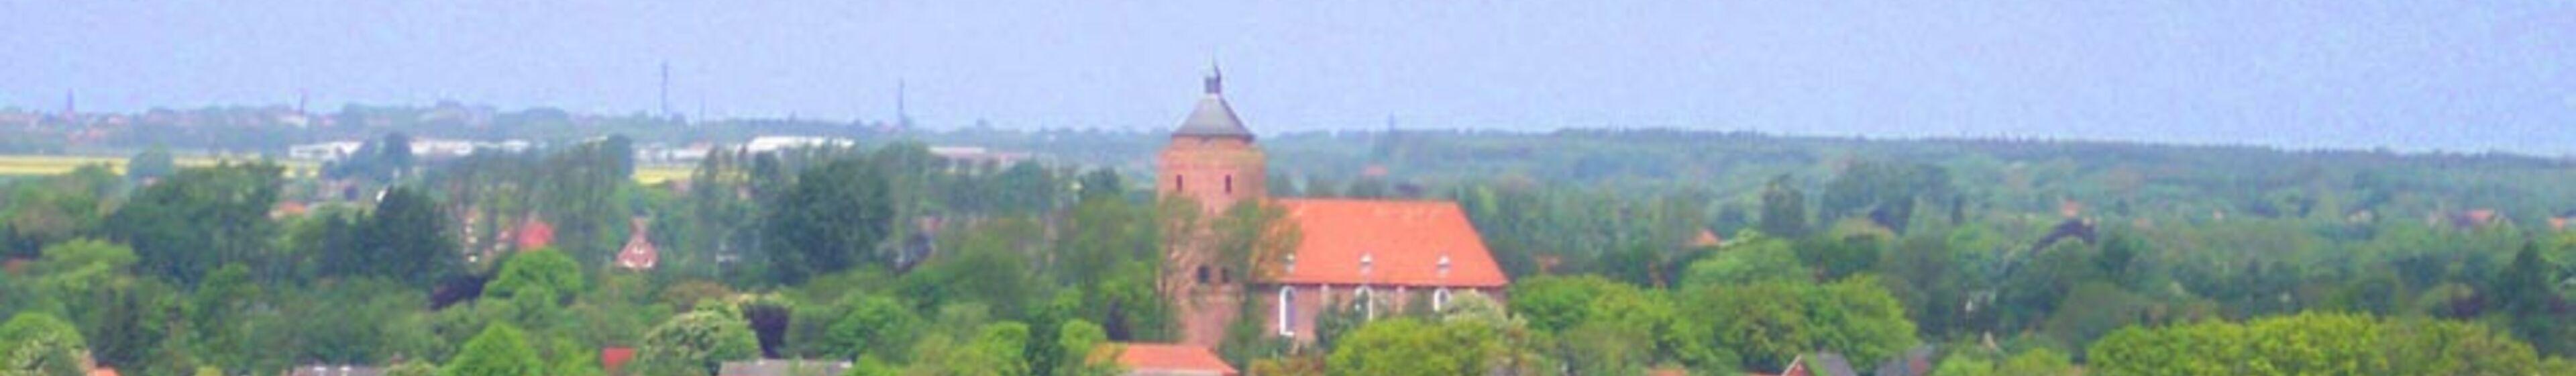 Blick aus der Luft auf unsere Warnfriedkirche